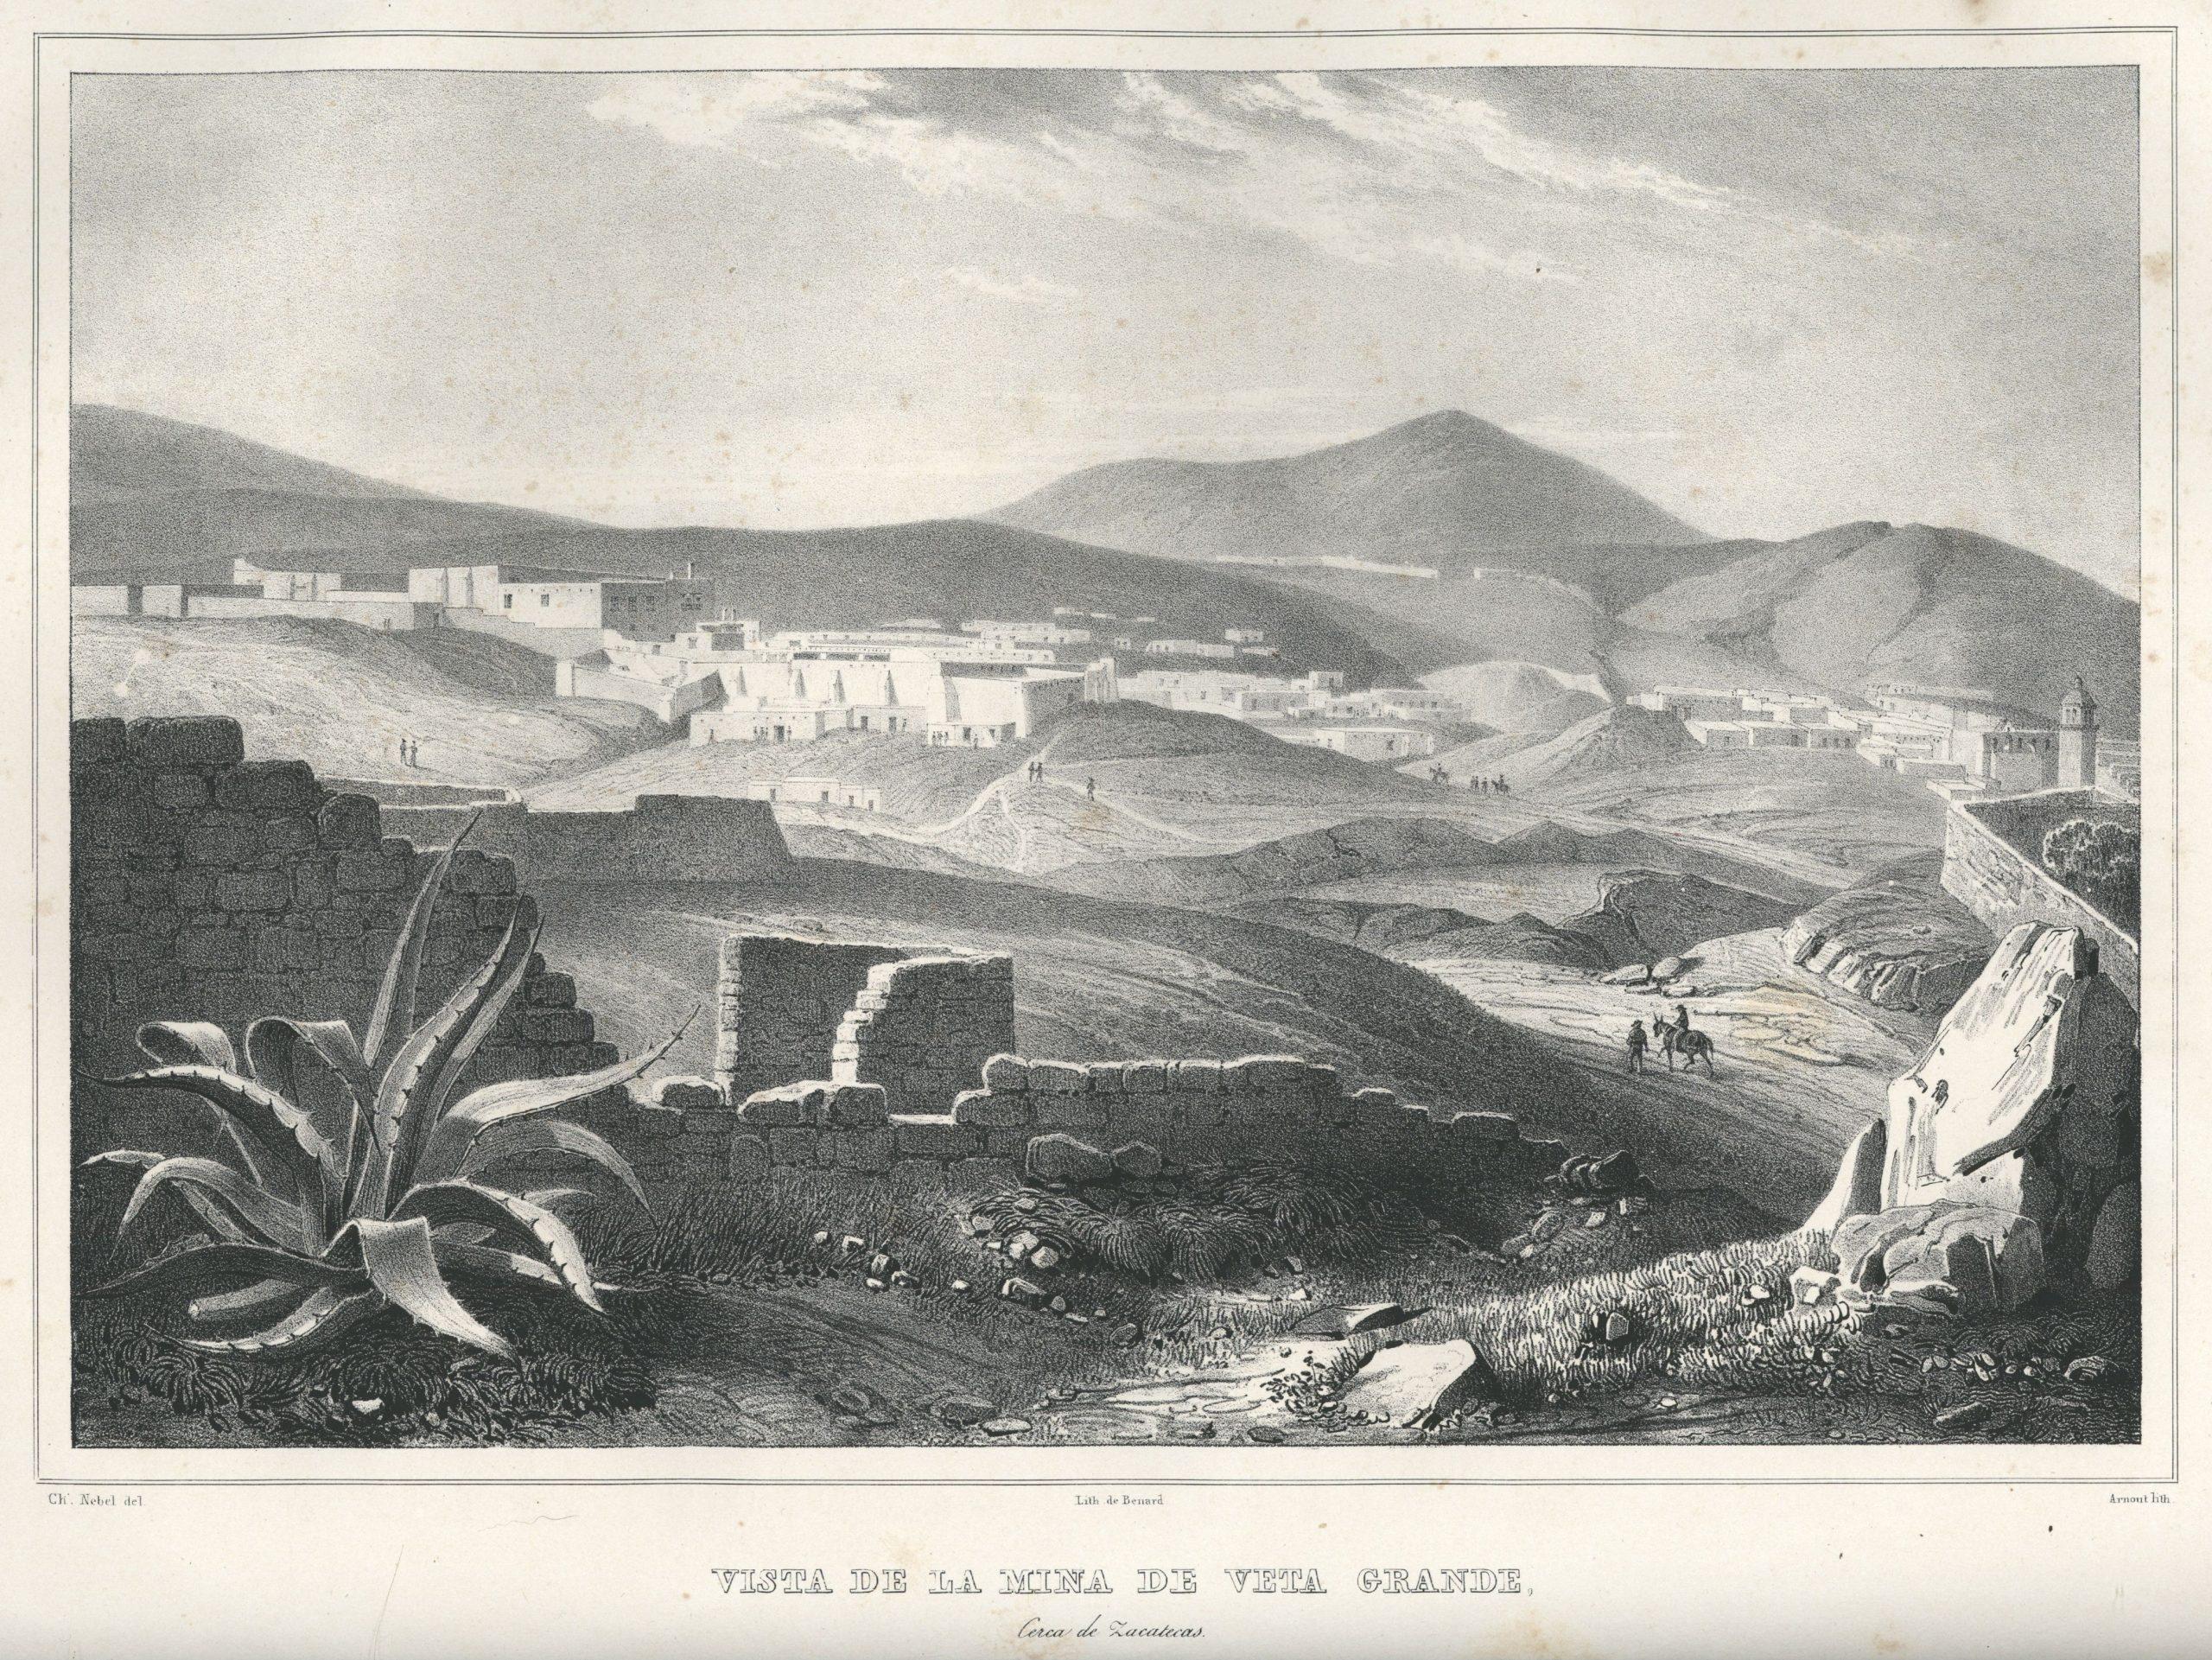 Vista de la mina de Veta Grande, 1836